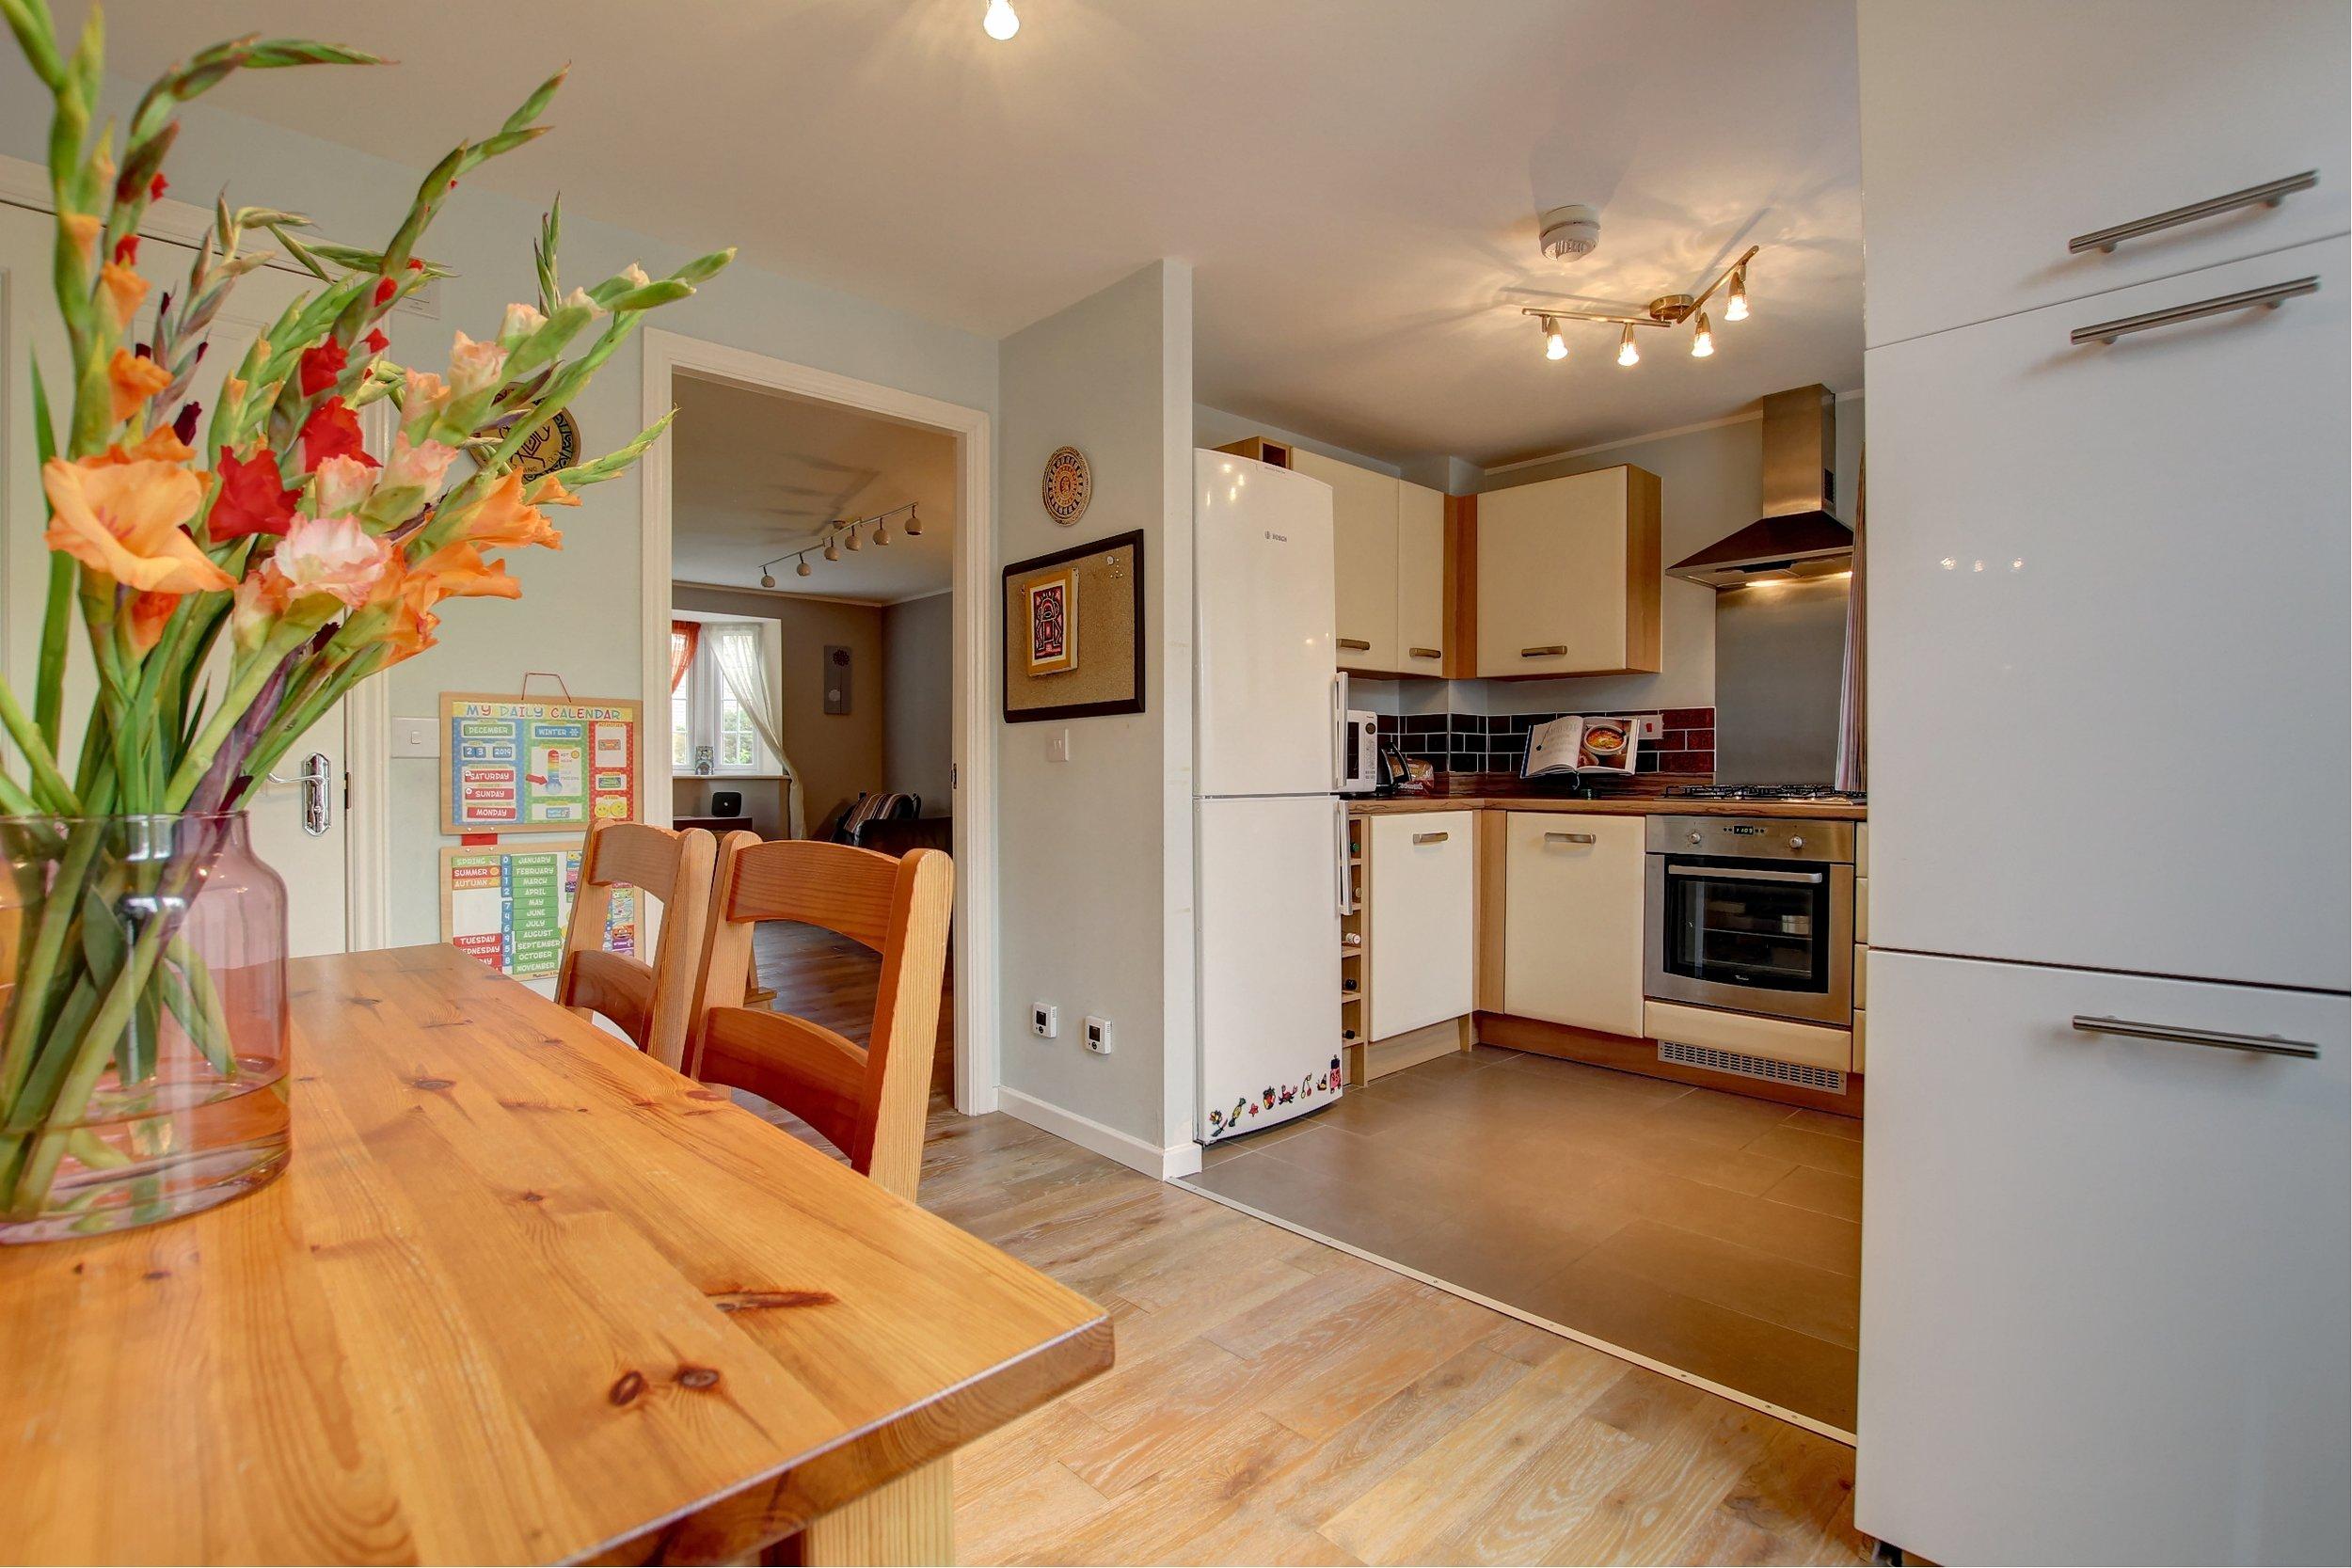 8 dining kitchen.jpg